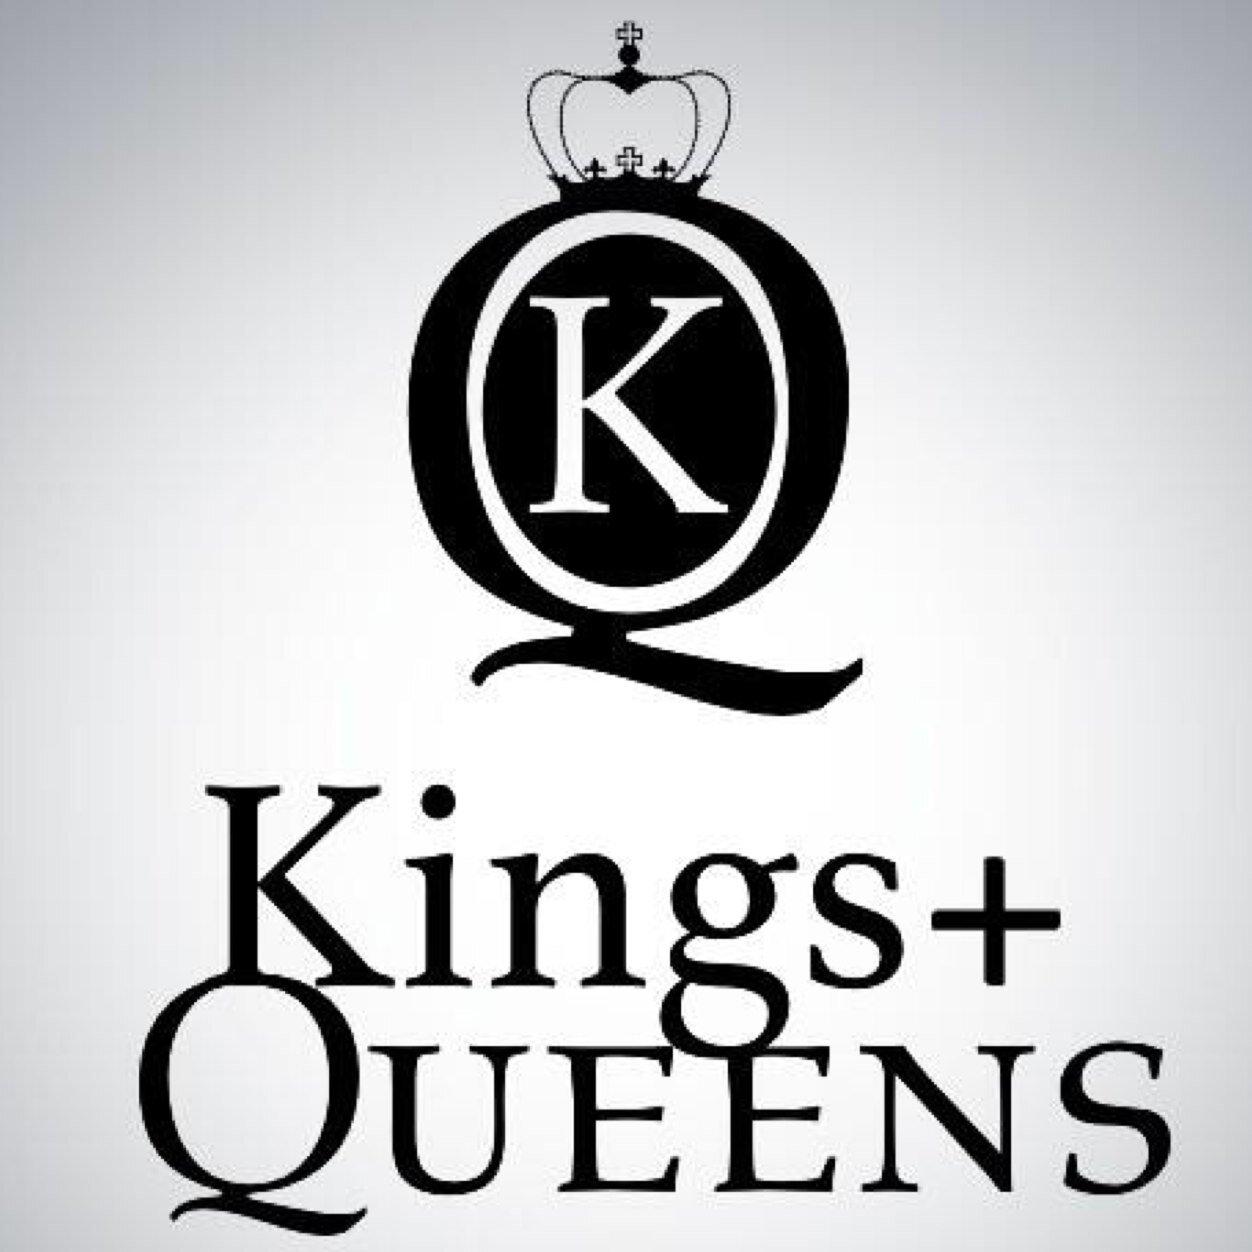 Kings amp queens bgt kqdance twitter